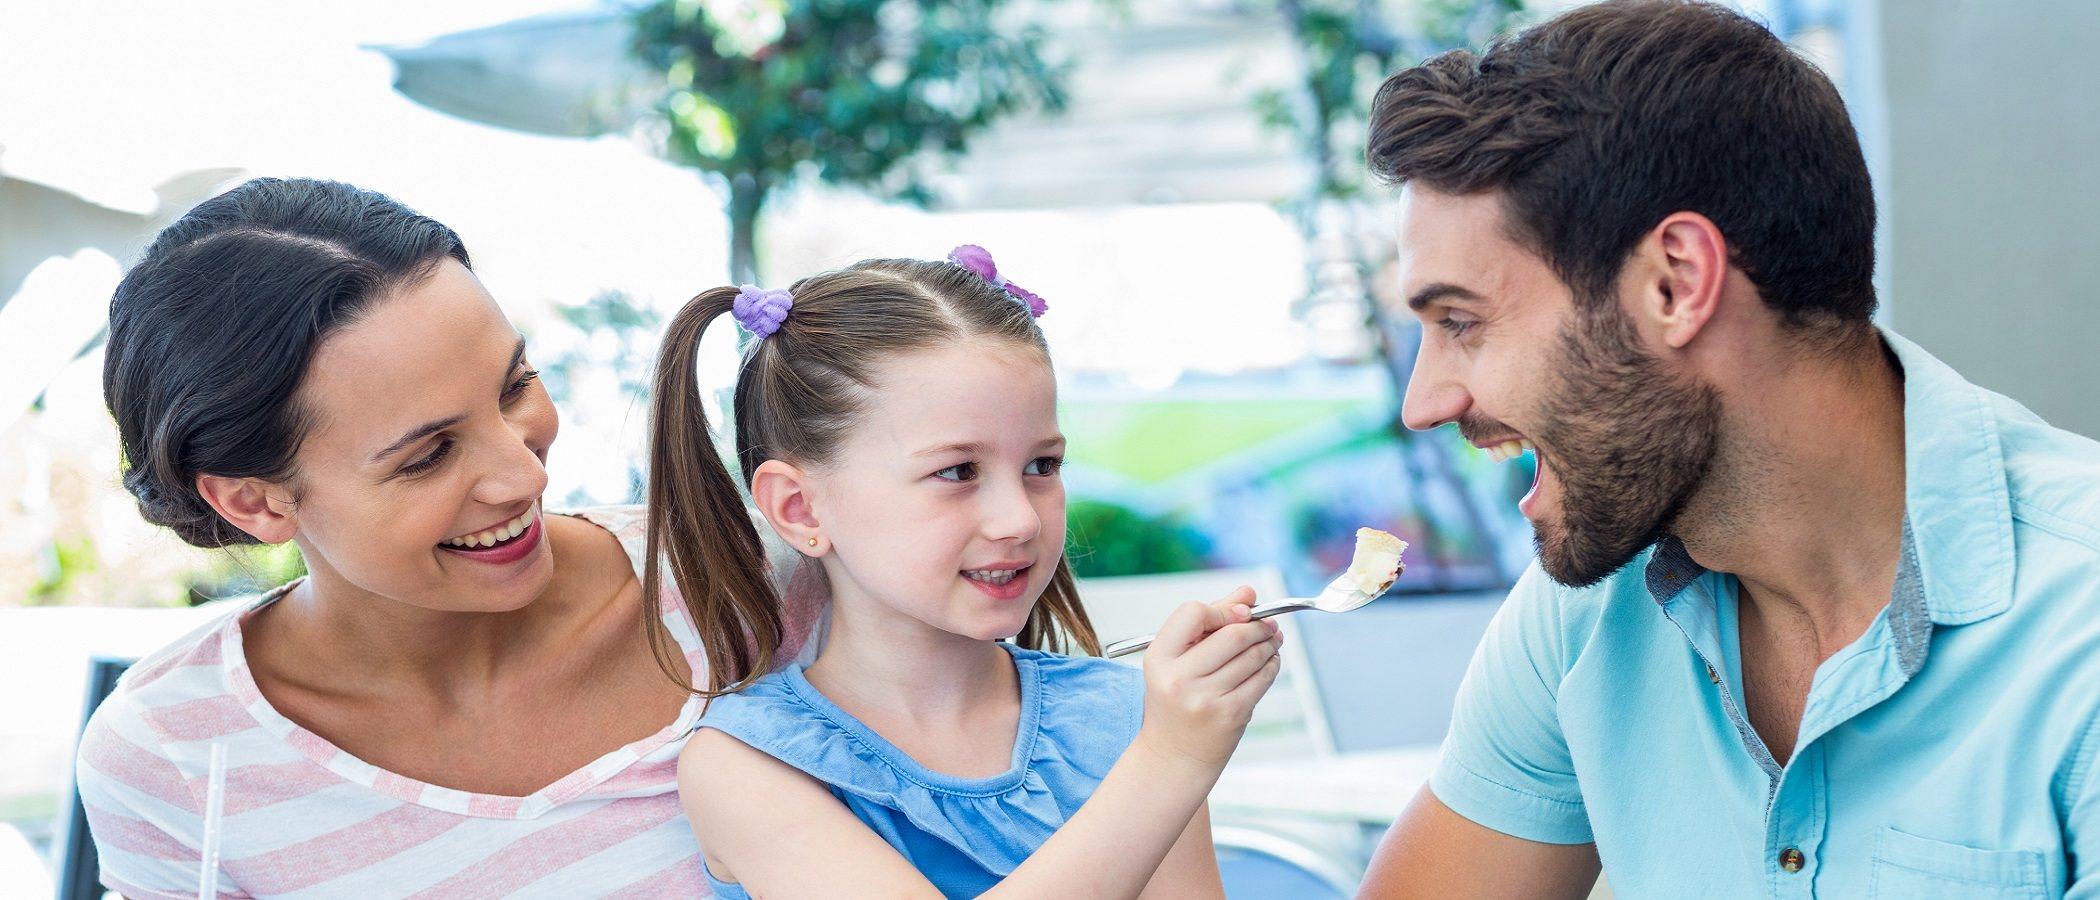 Cómo conseguir ser confiado en tu propia crianza